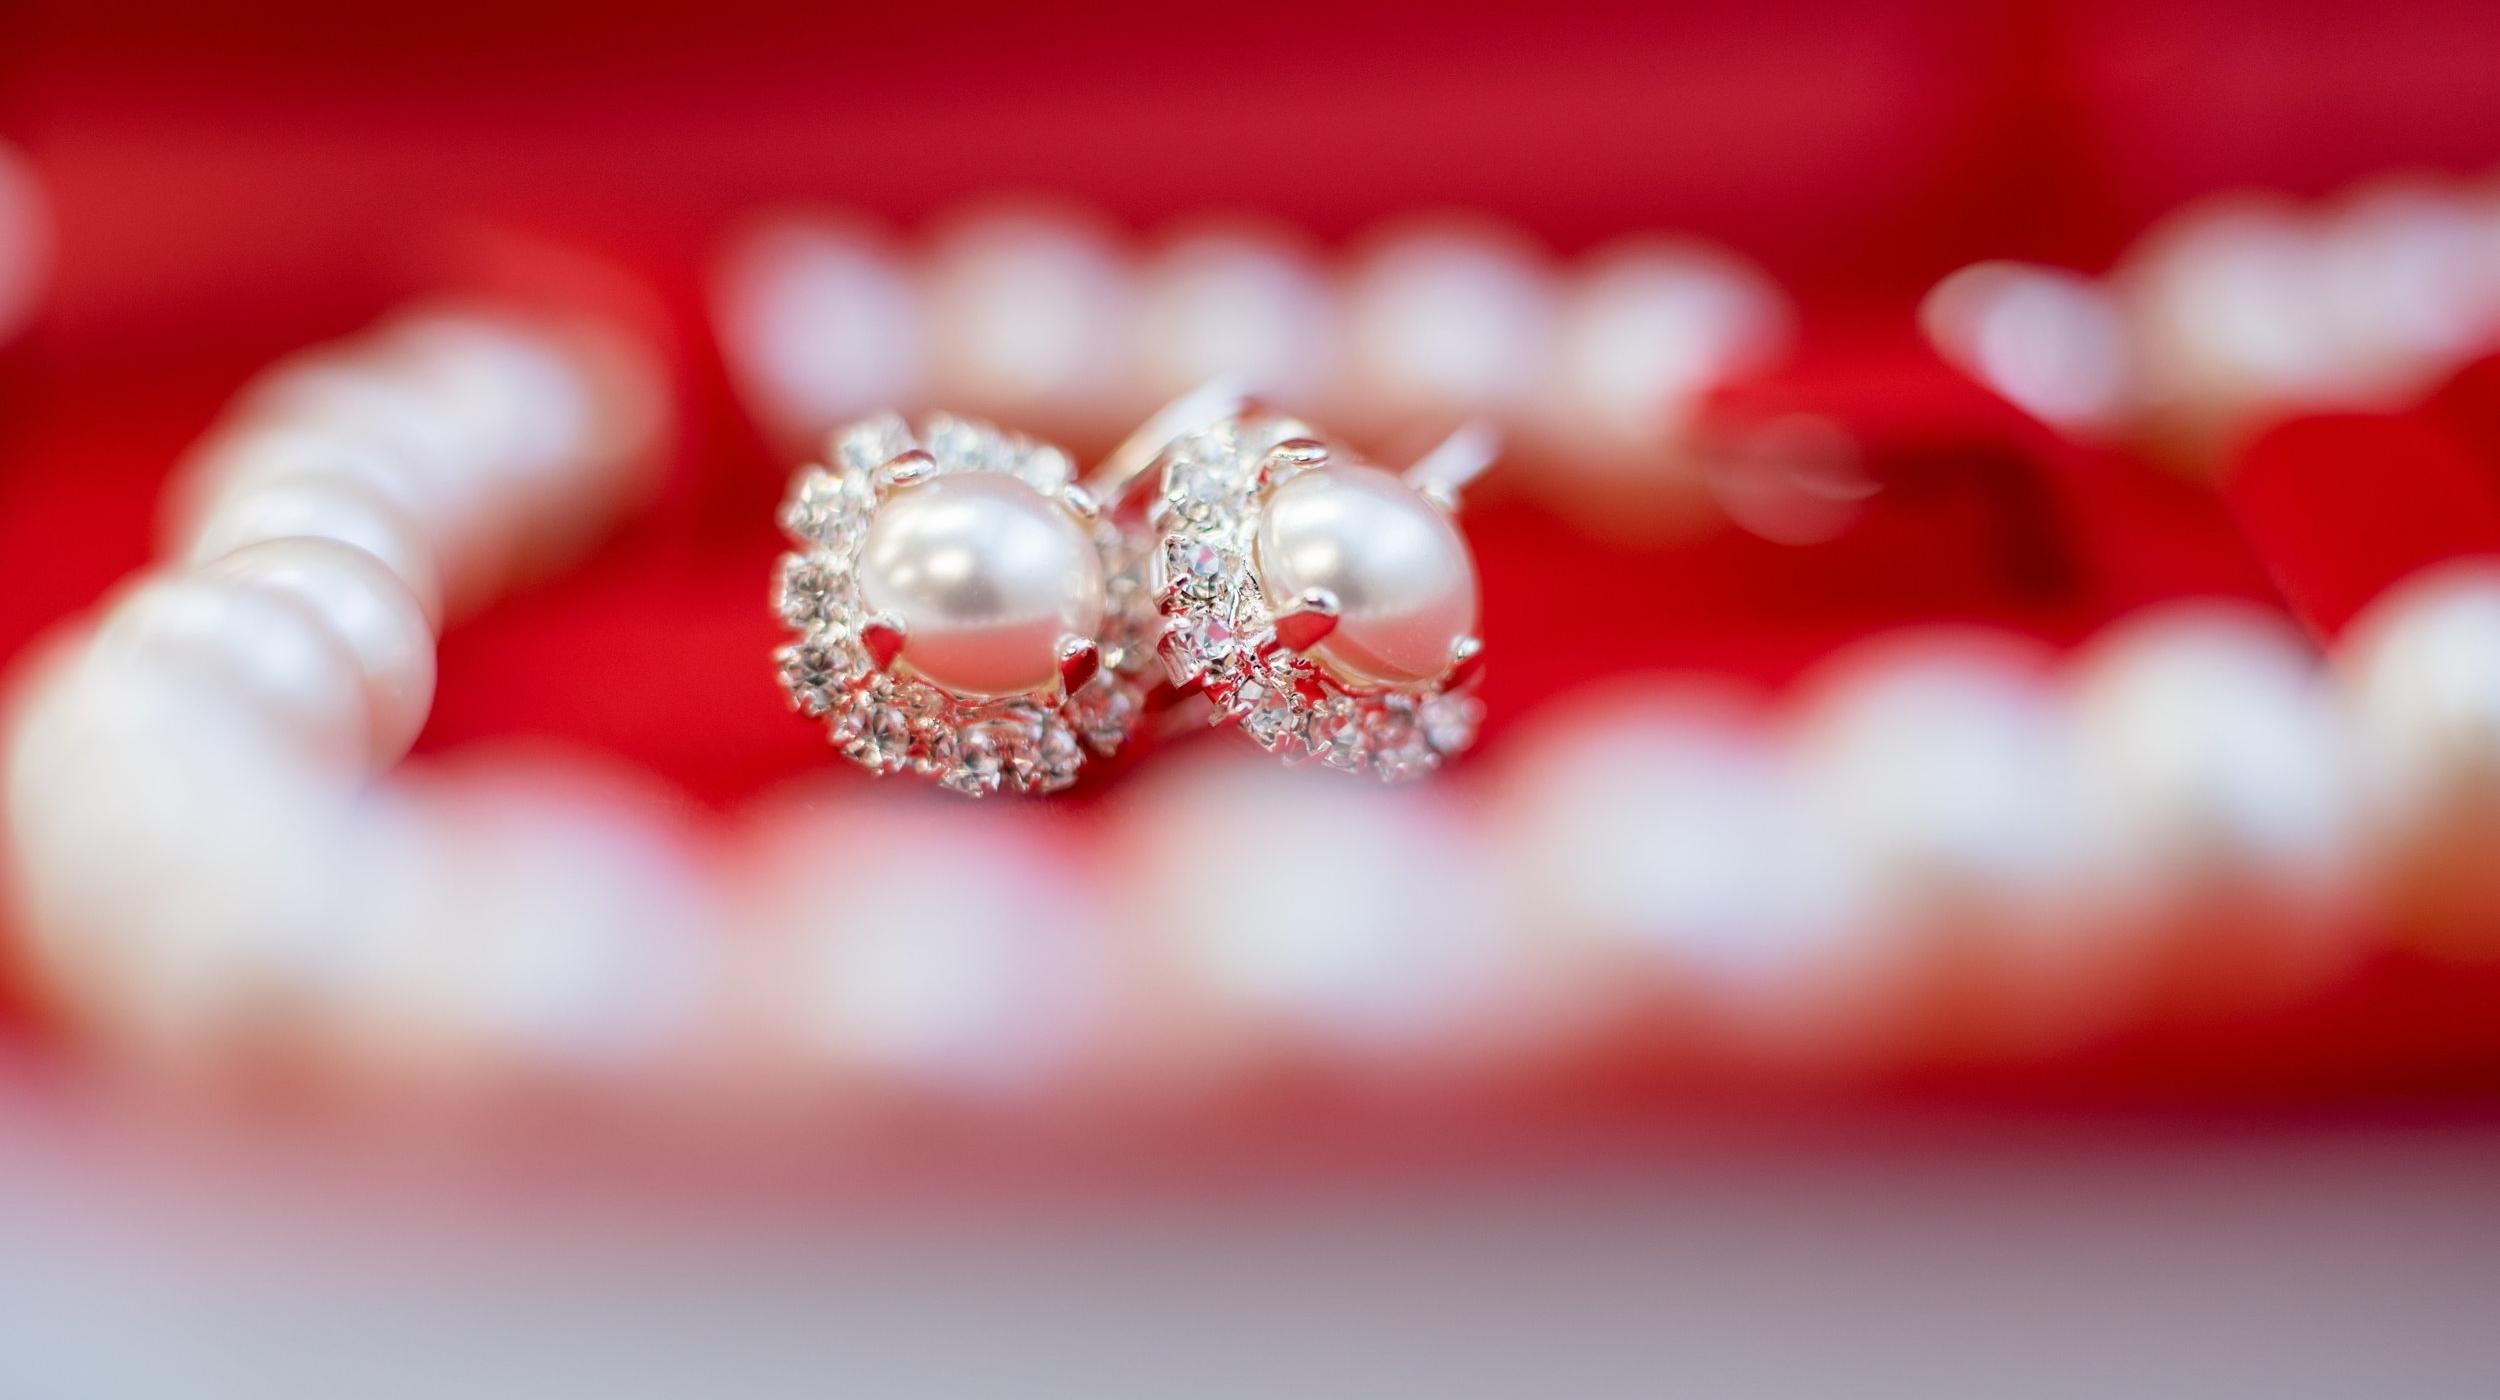 accessory-blur-close-up-1494200.jpg